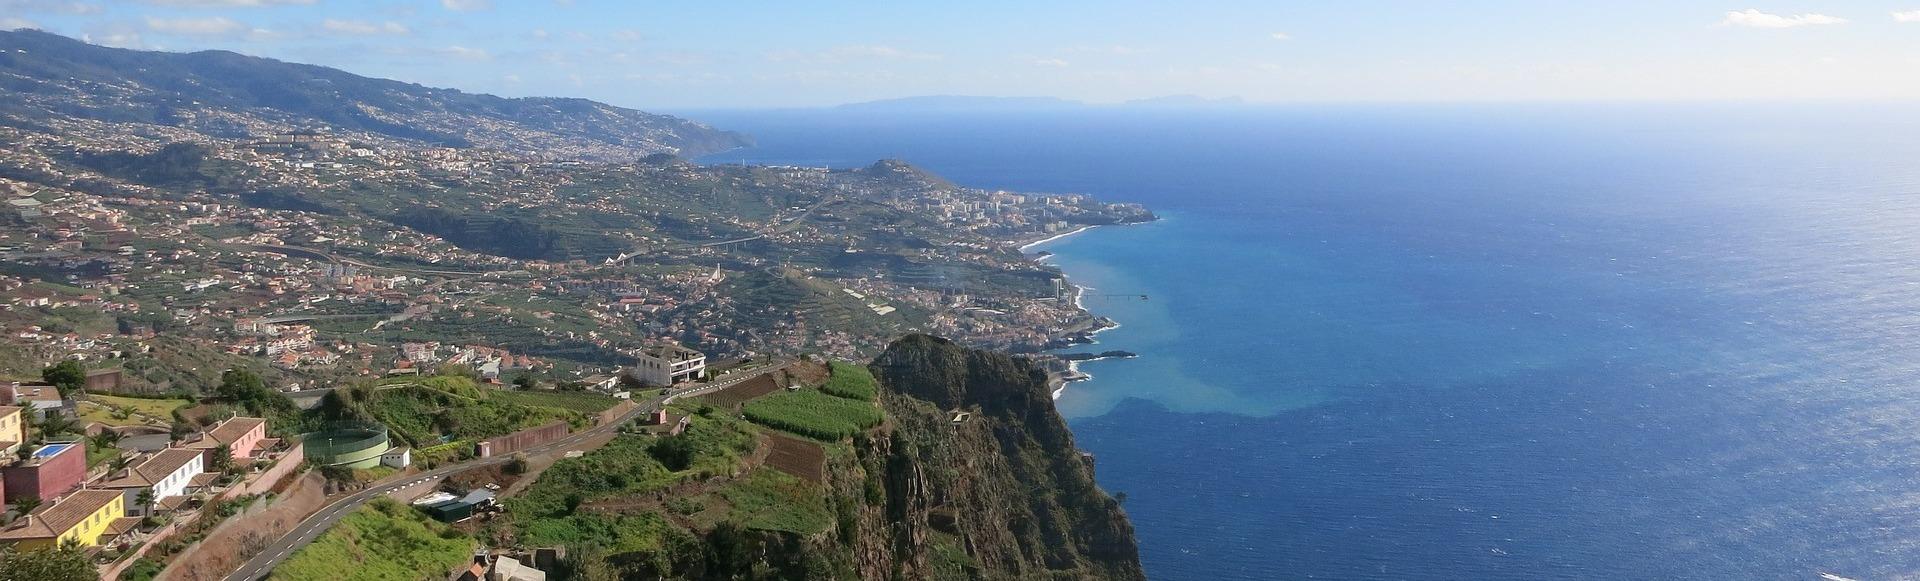 Circuit Madeira - Insula eternei primaveri